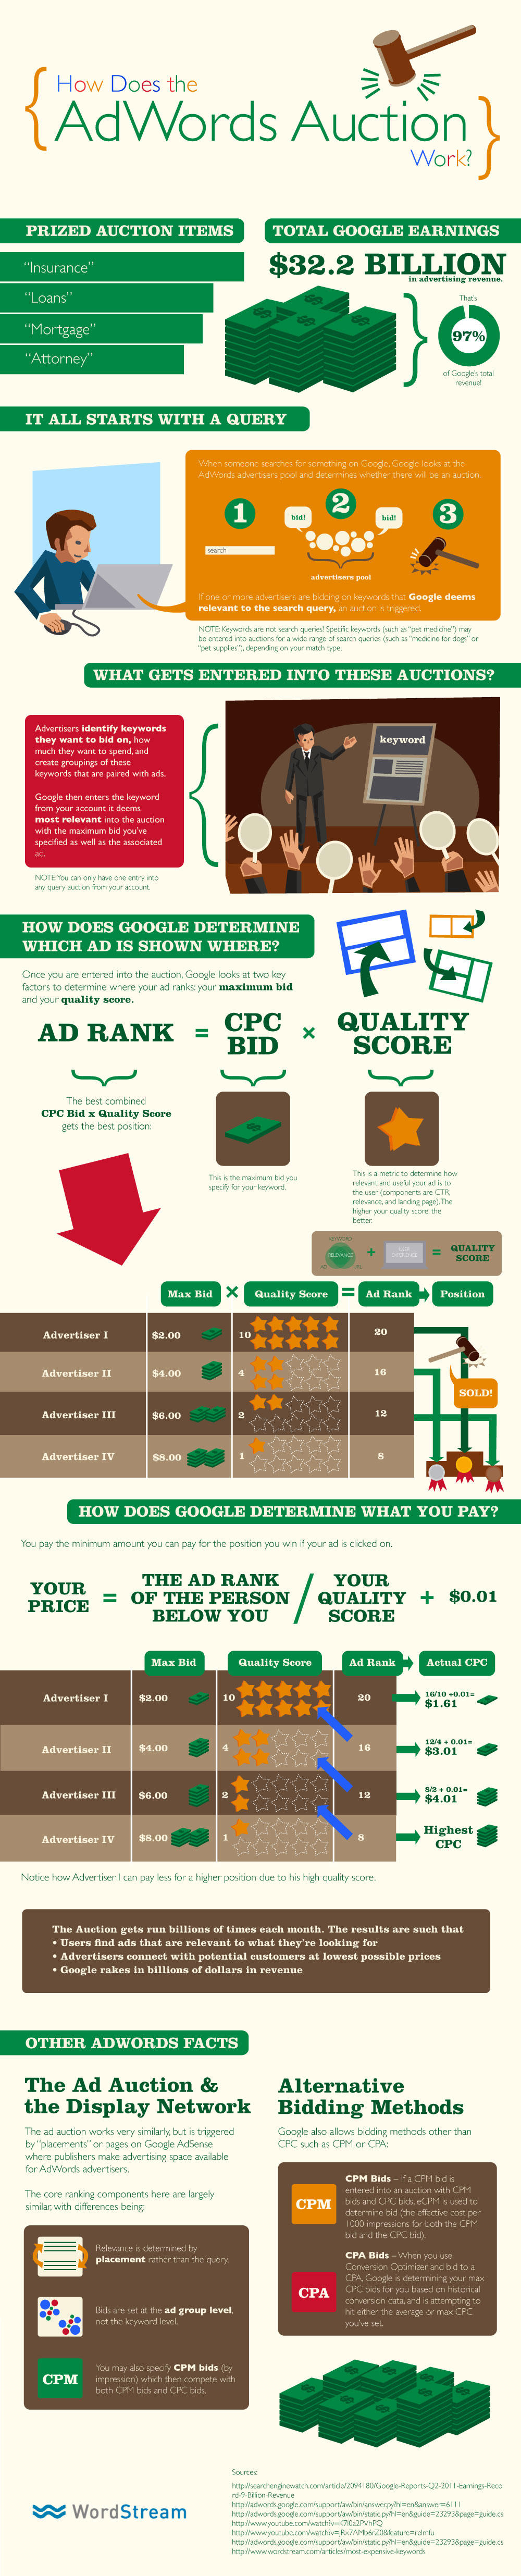 Hoe werkt de Google veiling?